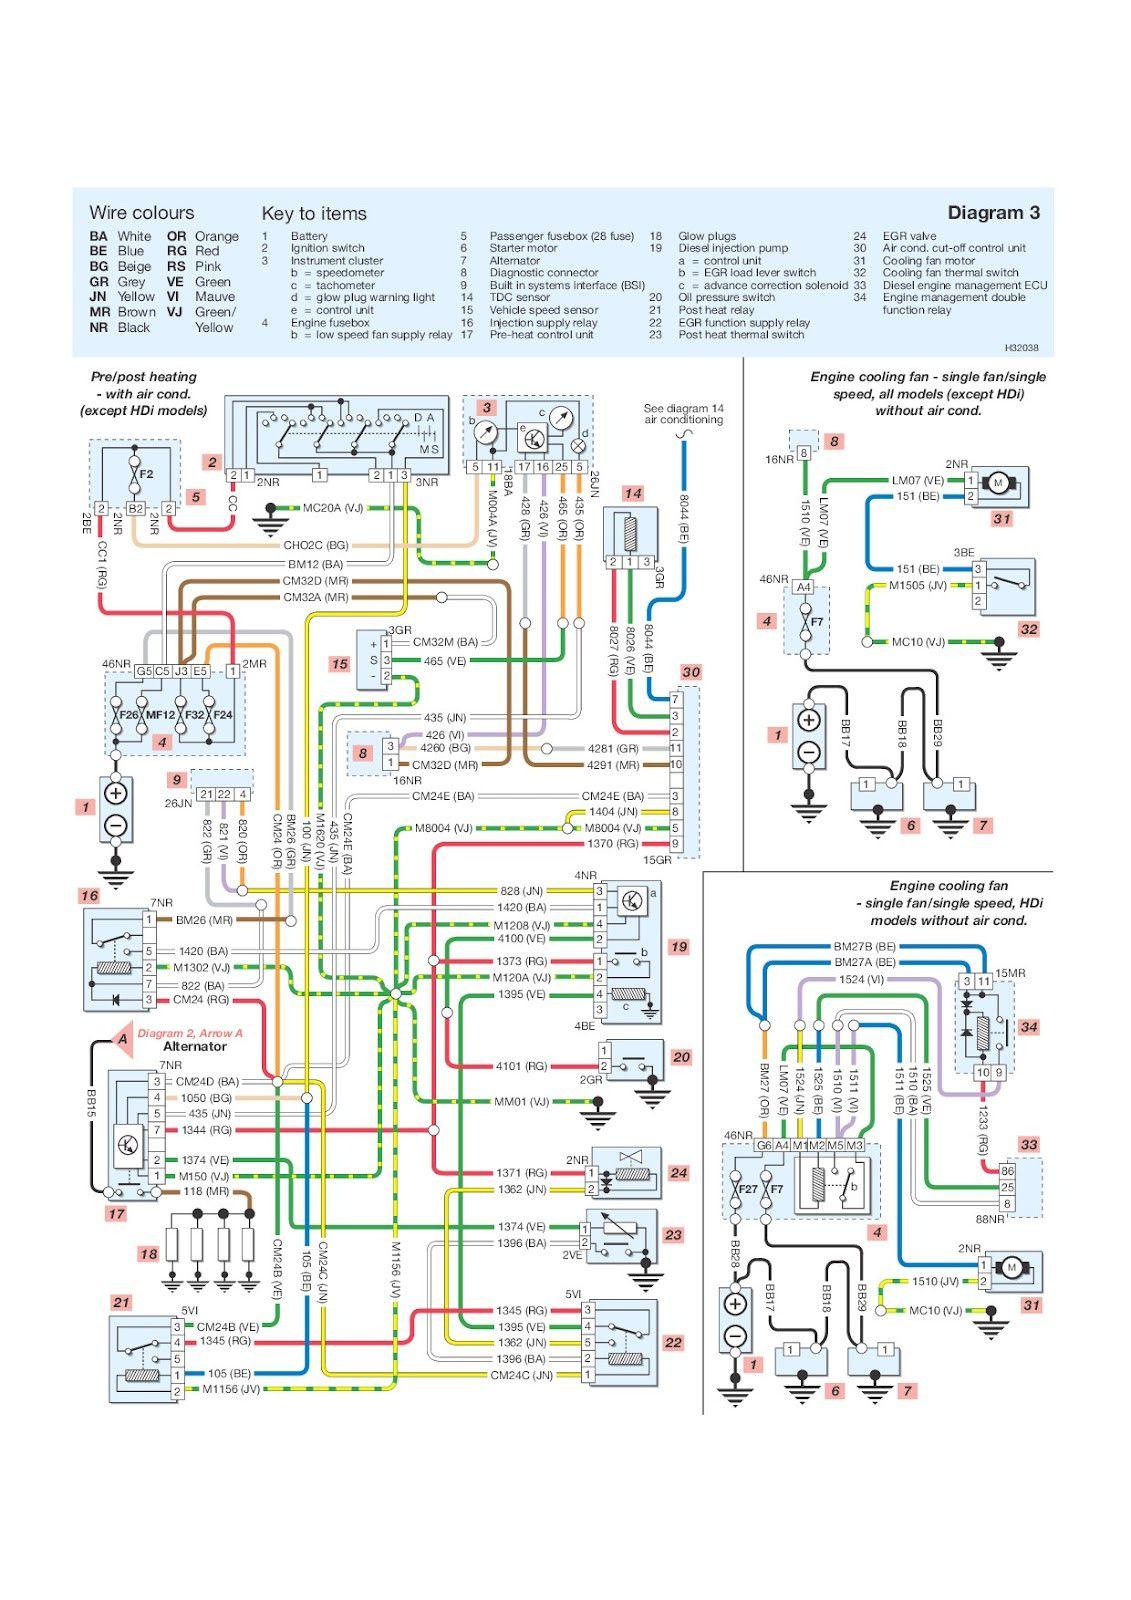 peugeot 307 cc wiring diagram wiring diagram hub alarm wiring diagram peugeot 407 towbar wiring diagram [ 1131 x 1600 Pixel ]